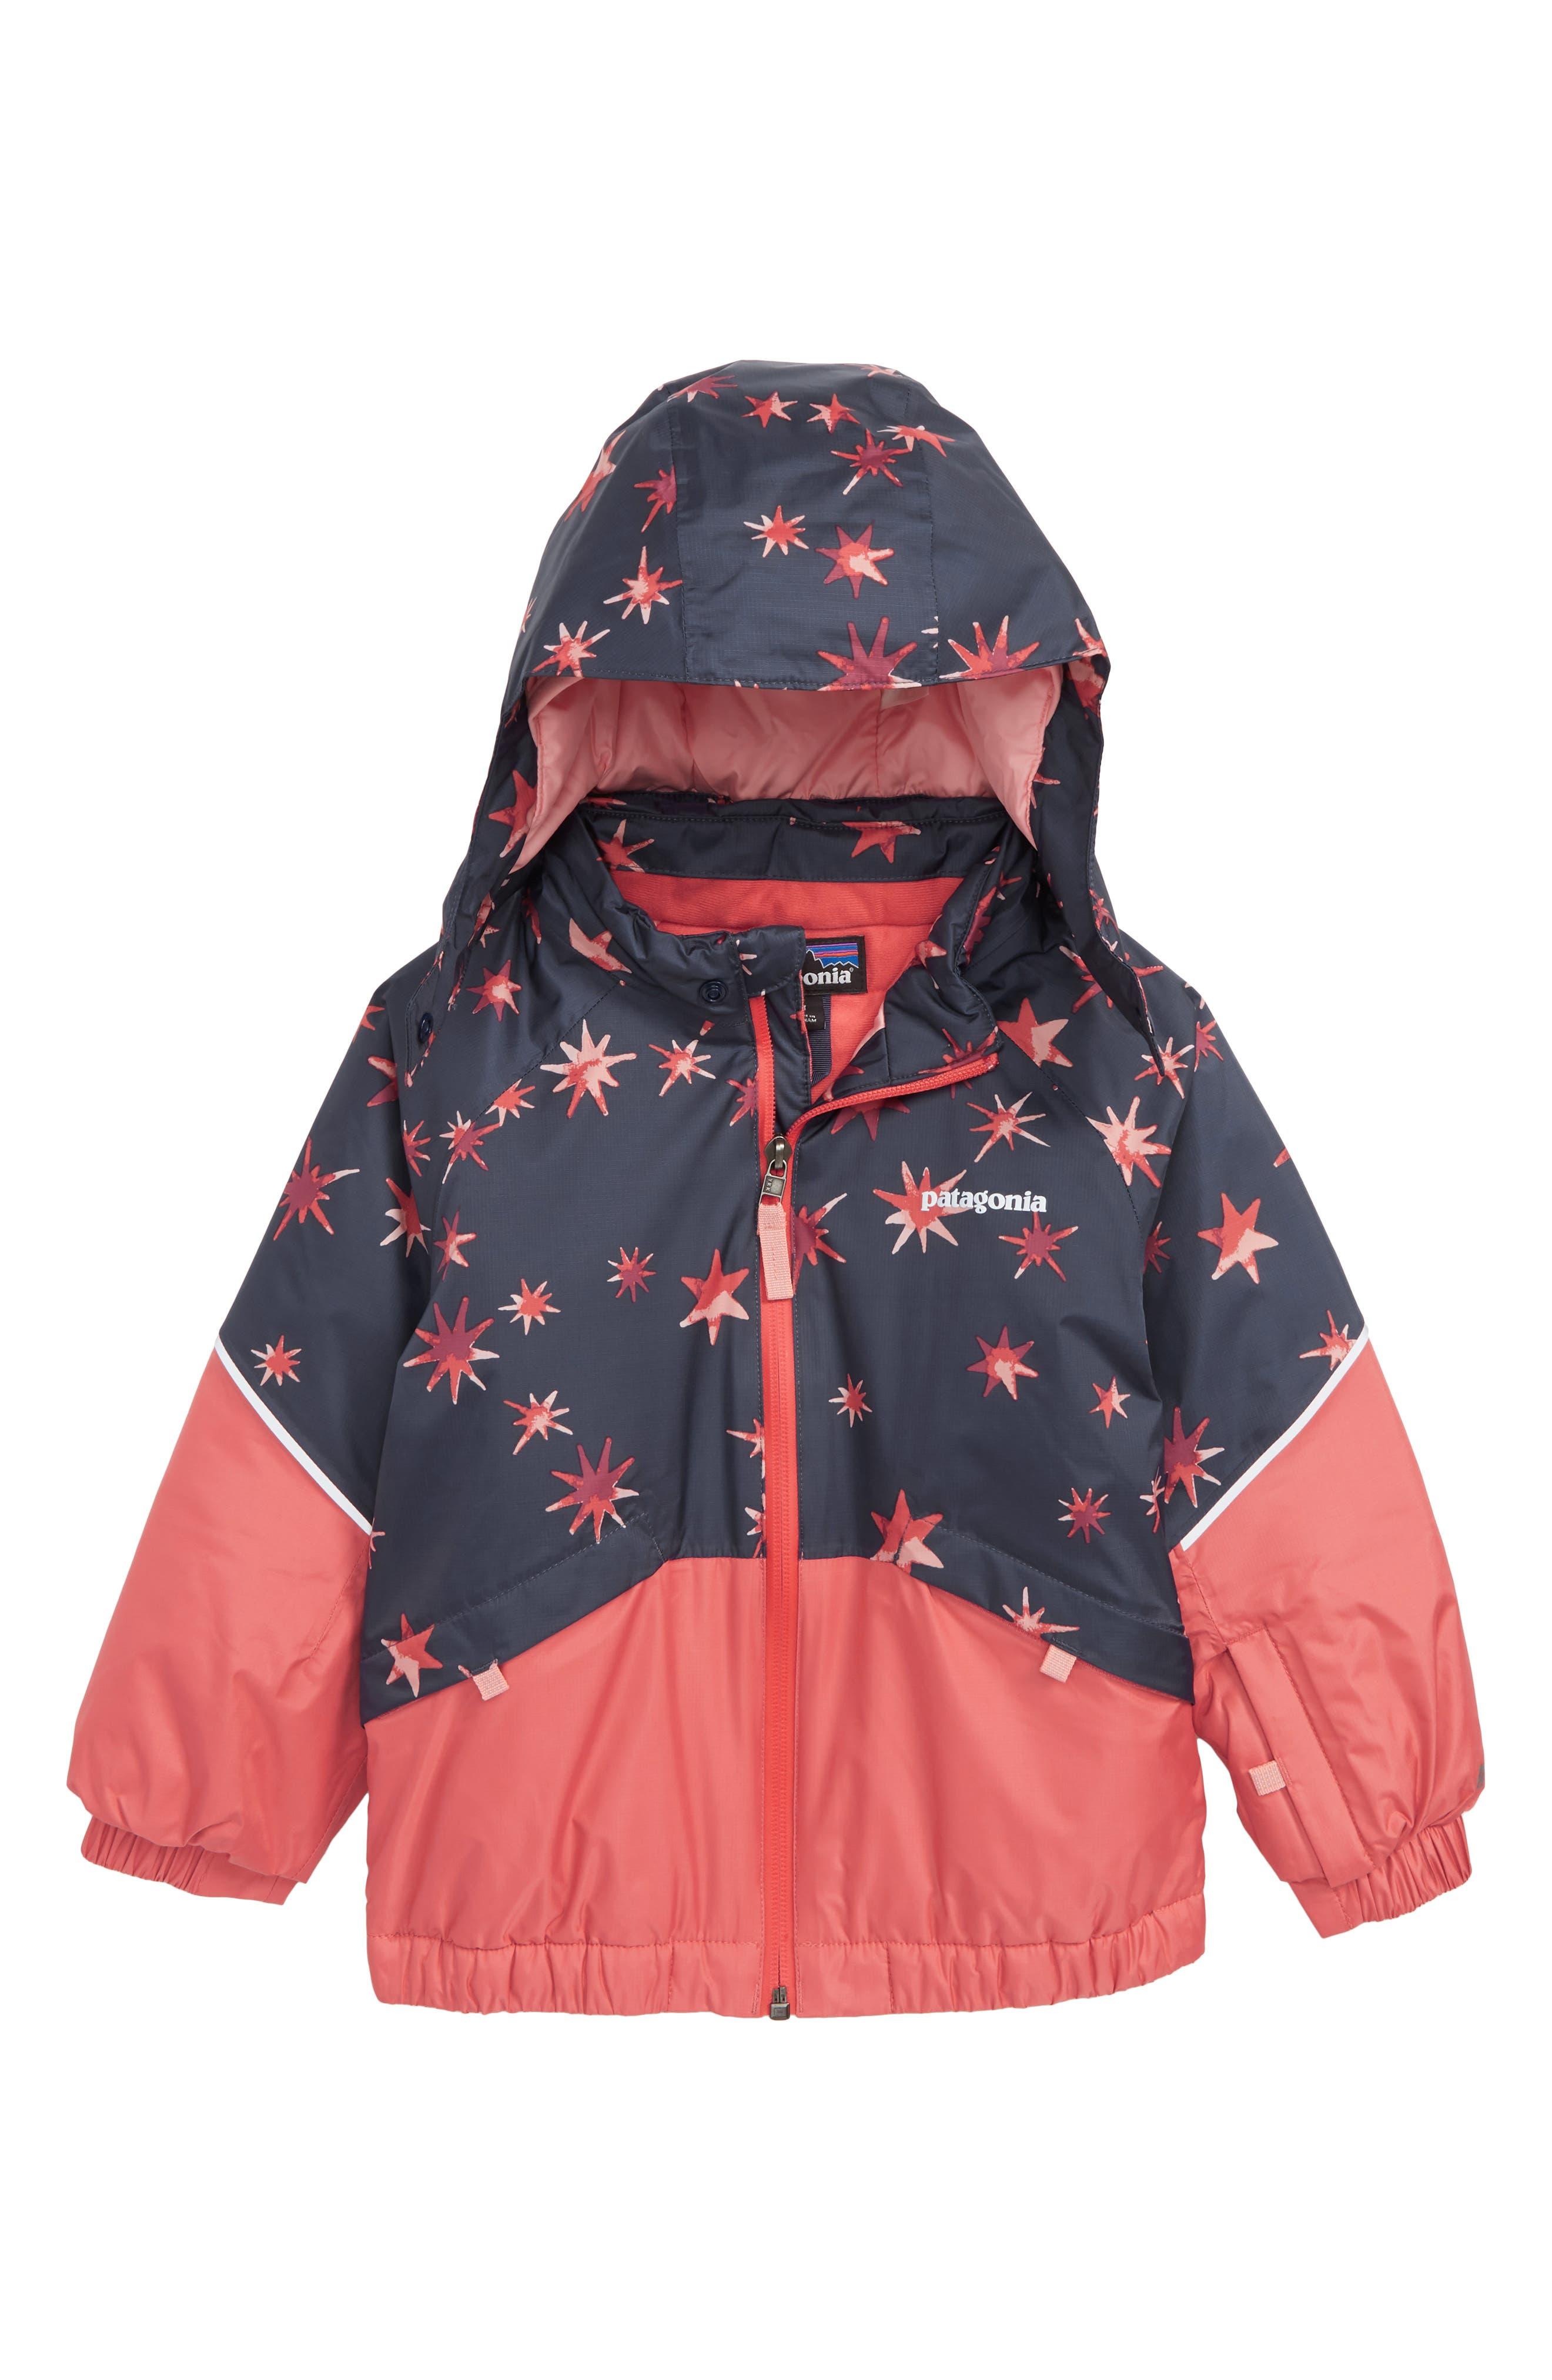 c52e36870 popular stores 63a82 a76e7 patagonia baby snow pile one piece snow ...